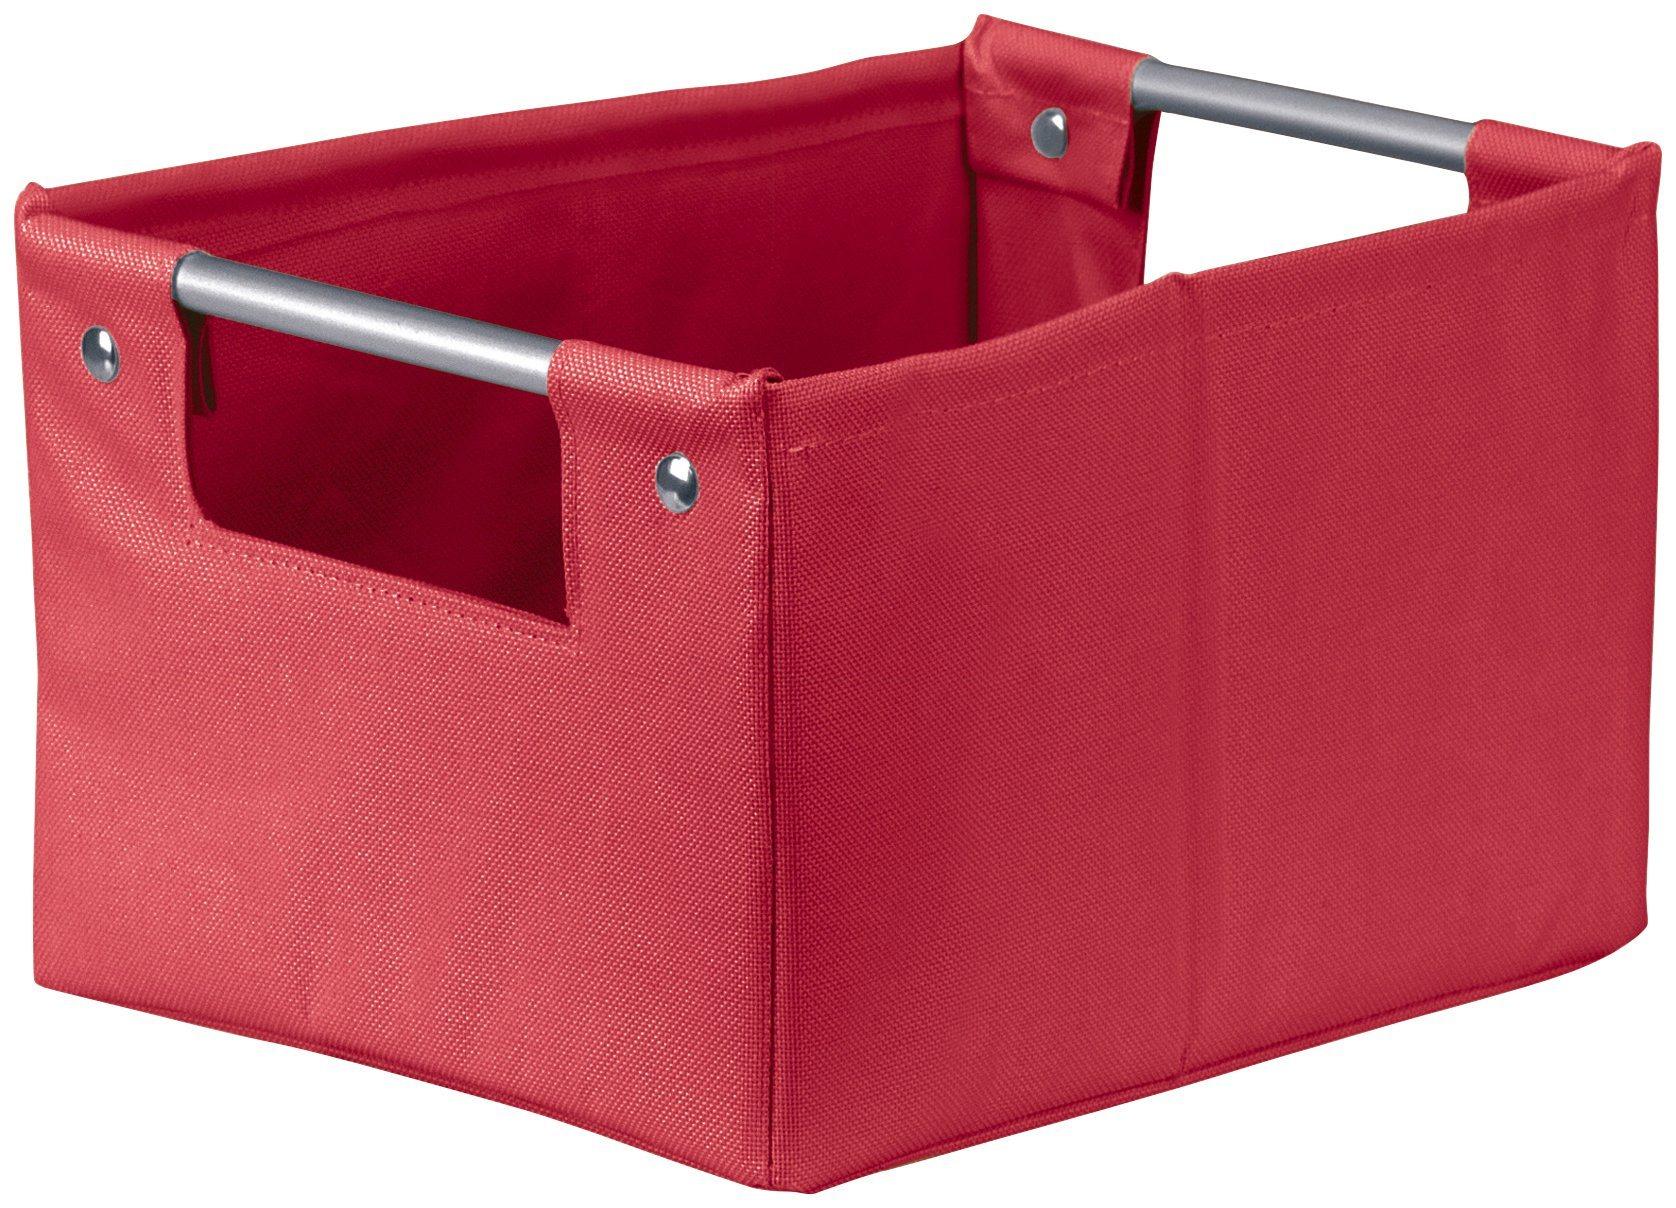 Aufbewahrungsbox »Gastona Box S« | Dekoration > Aufbewahrung und Ordnung > Kästchen | Kleine Wolke